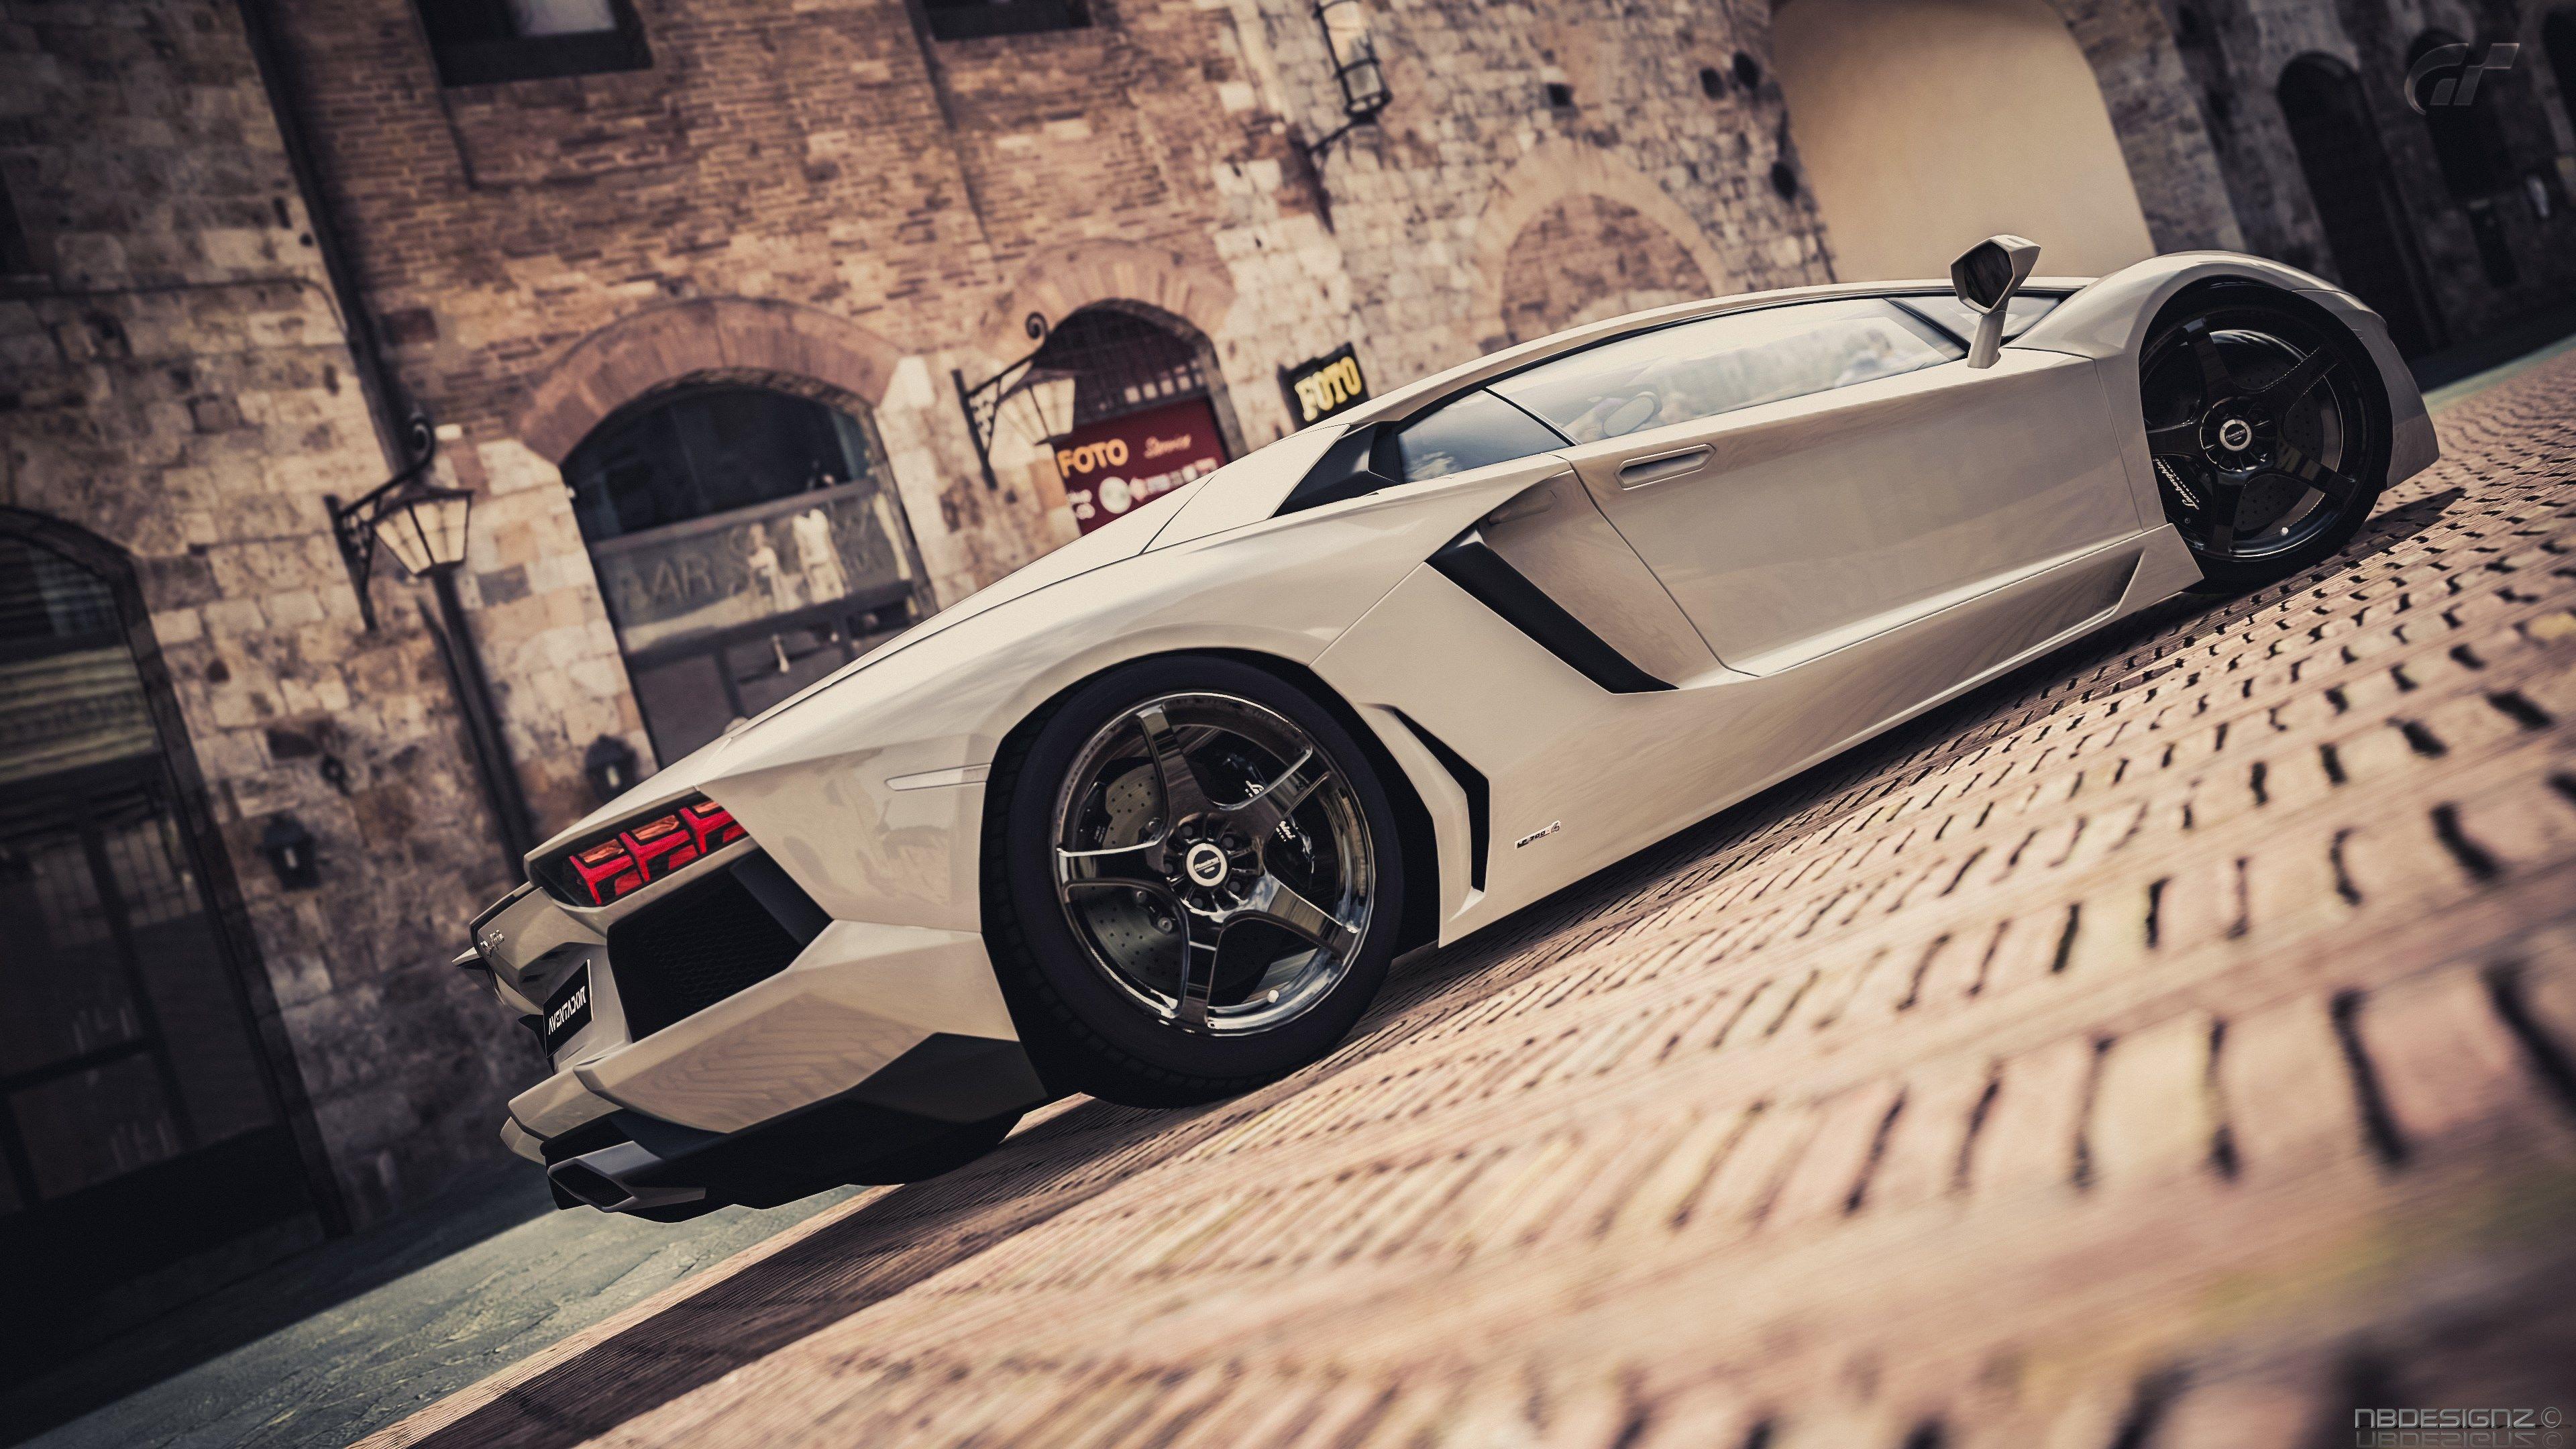 4k Wallpaper Lamborghini Aventador 3840x2160 ジャングル と